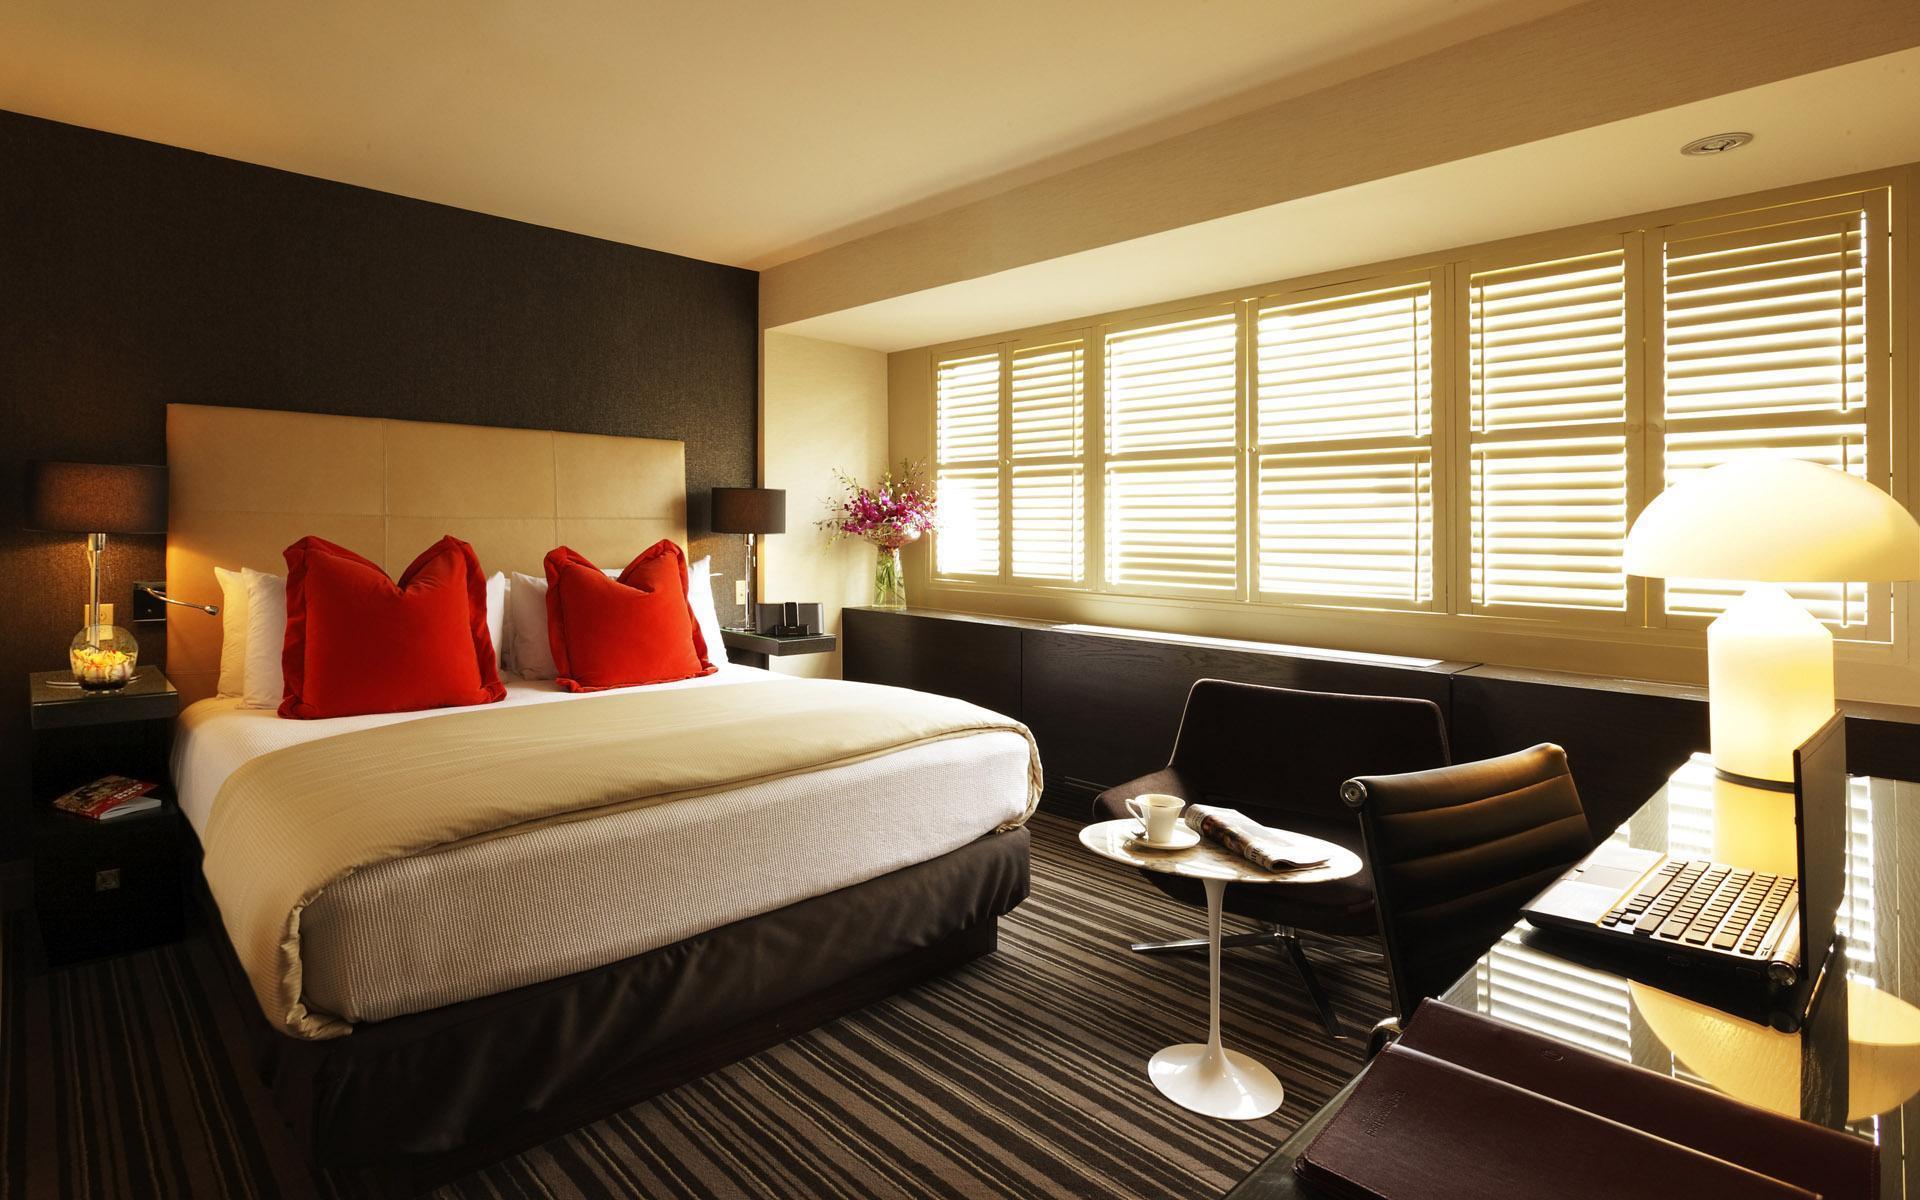 Минимум мебели и скрытые ниши, встроенные шкафы и большие окна помогают сделать спальню просторной.